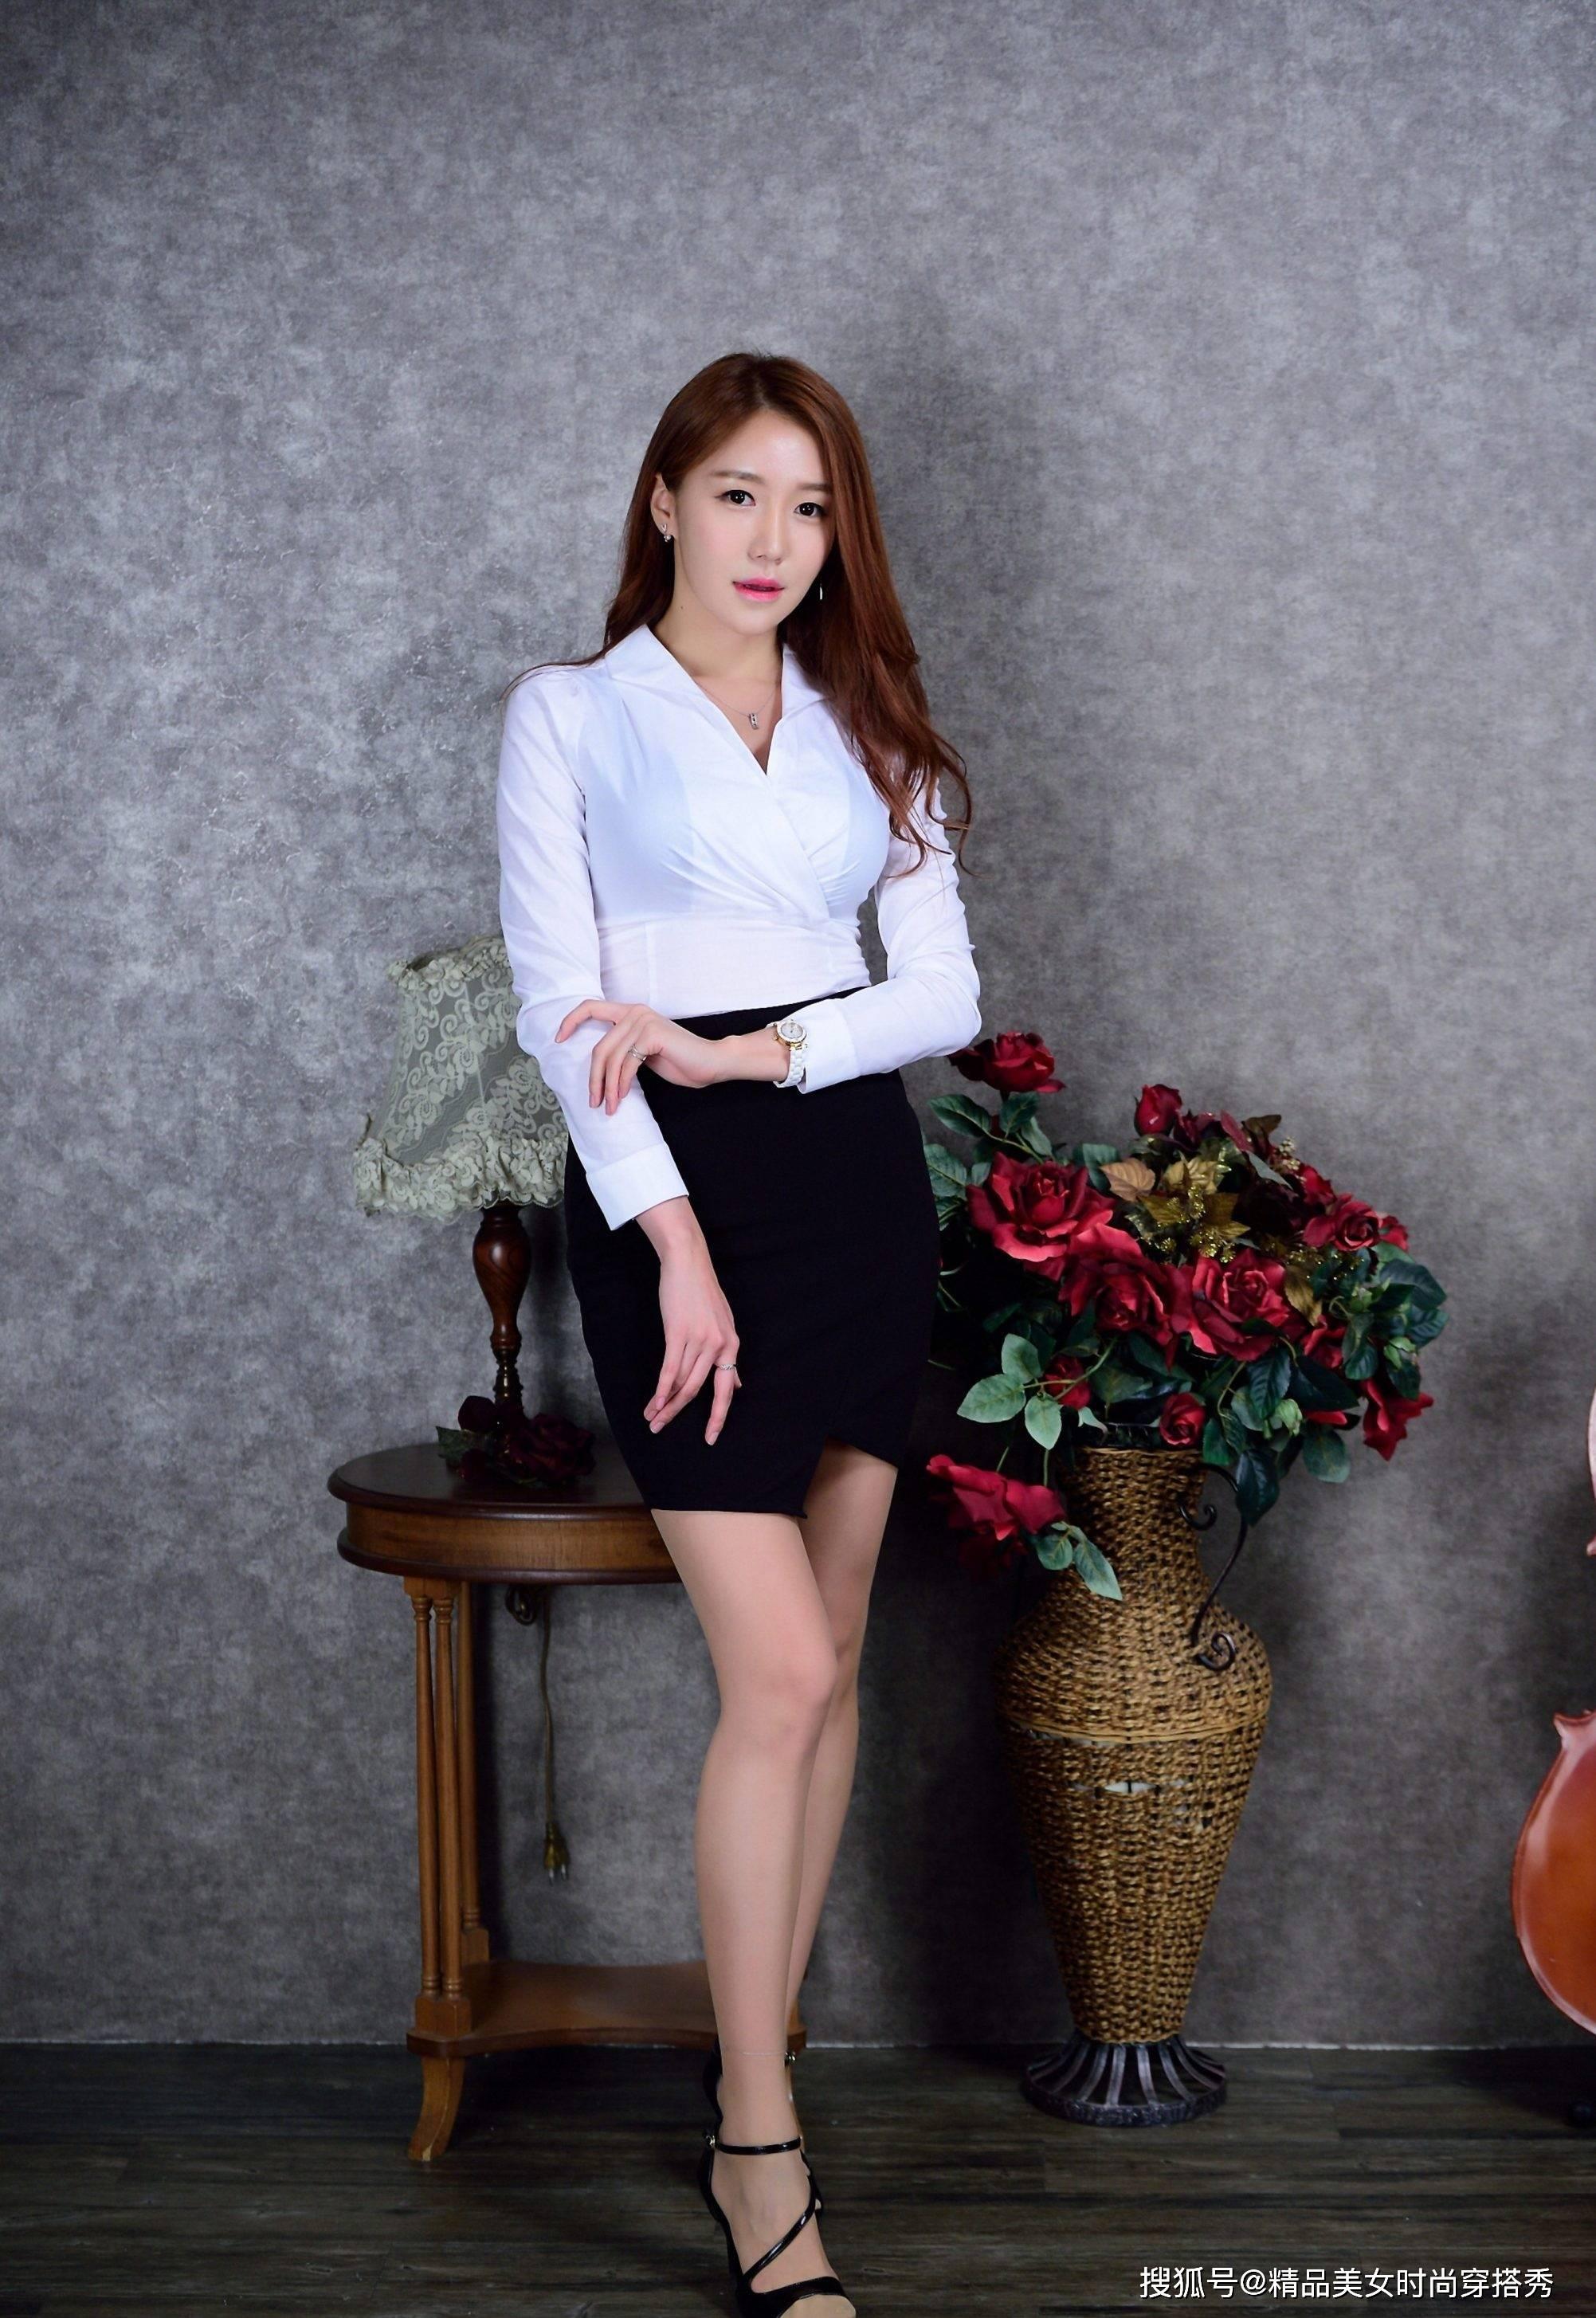 简约白色衬衫搭配黑色短裙,展现不一样的知性美,优雅又时尚